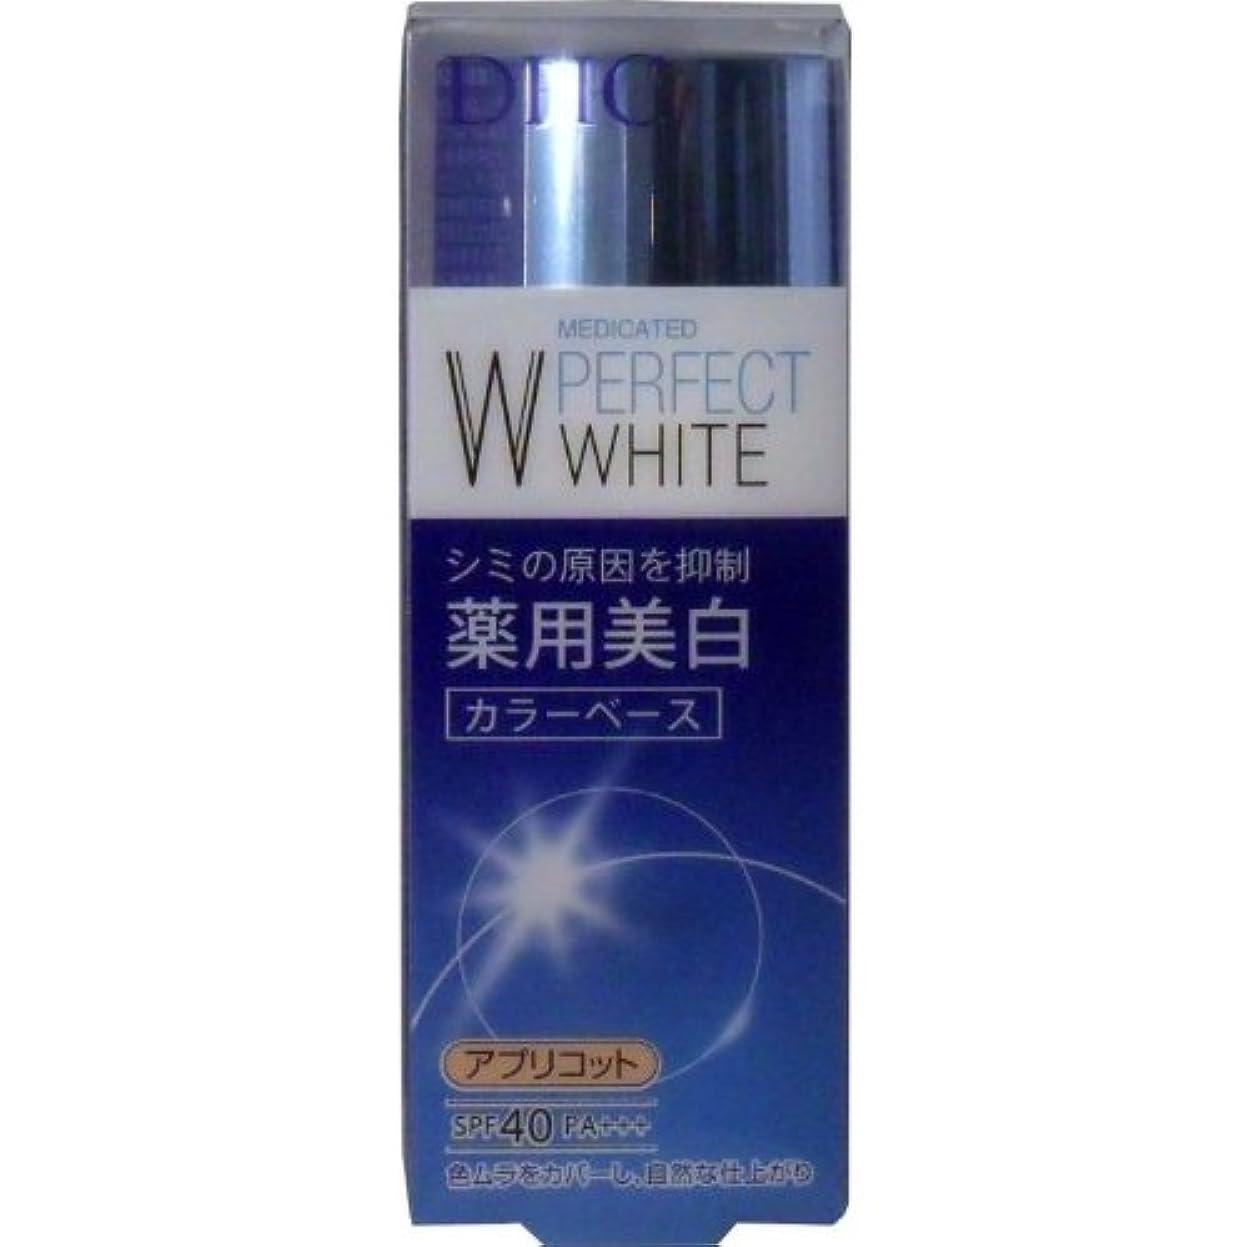 暫定のボタン家禽DHC 薬用美白パーフェクトホワイト カラーベース アプリコット 30g